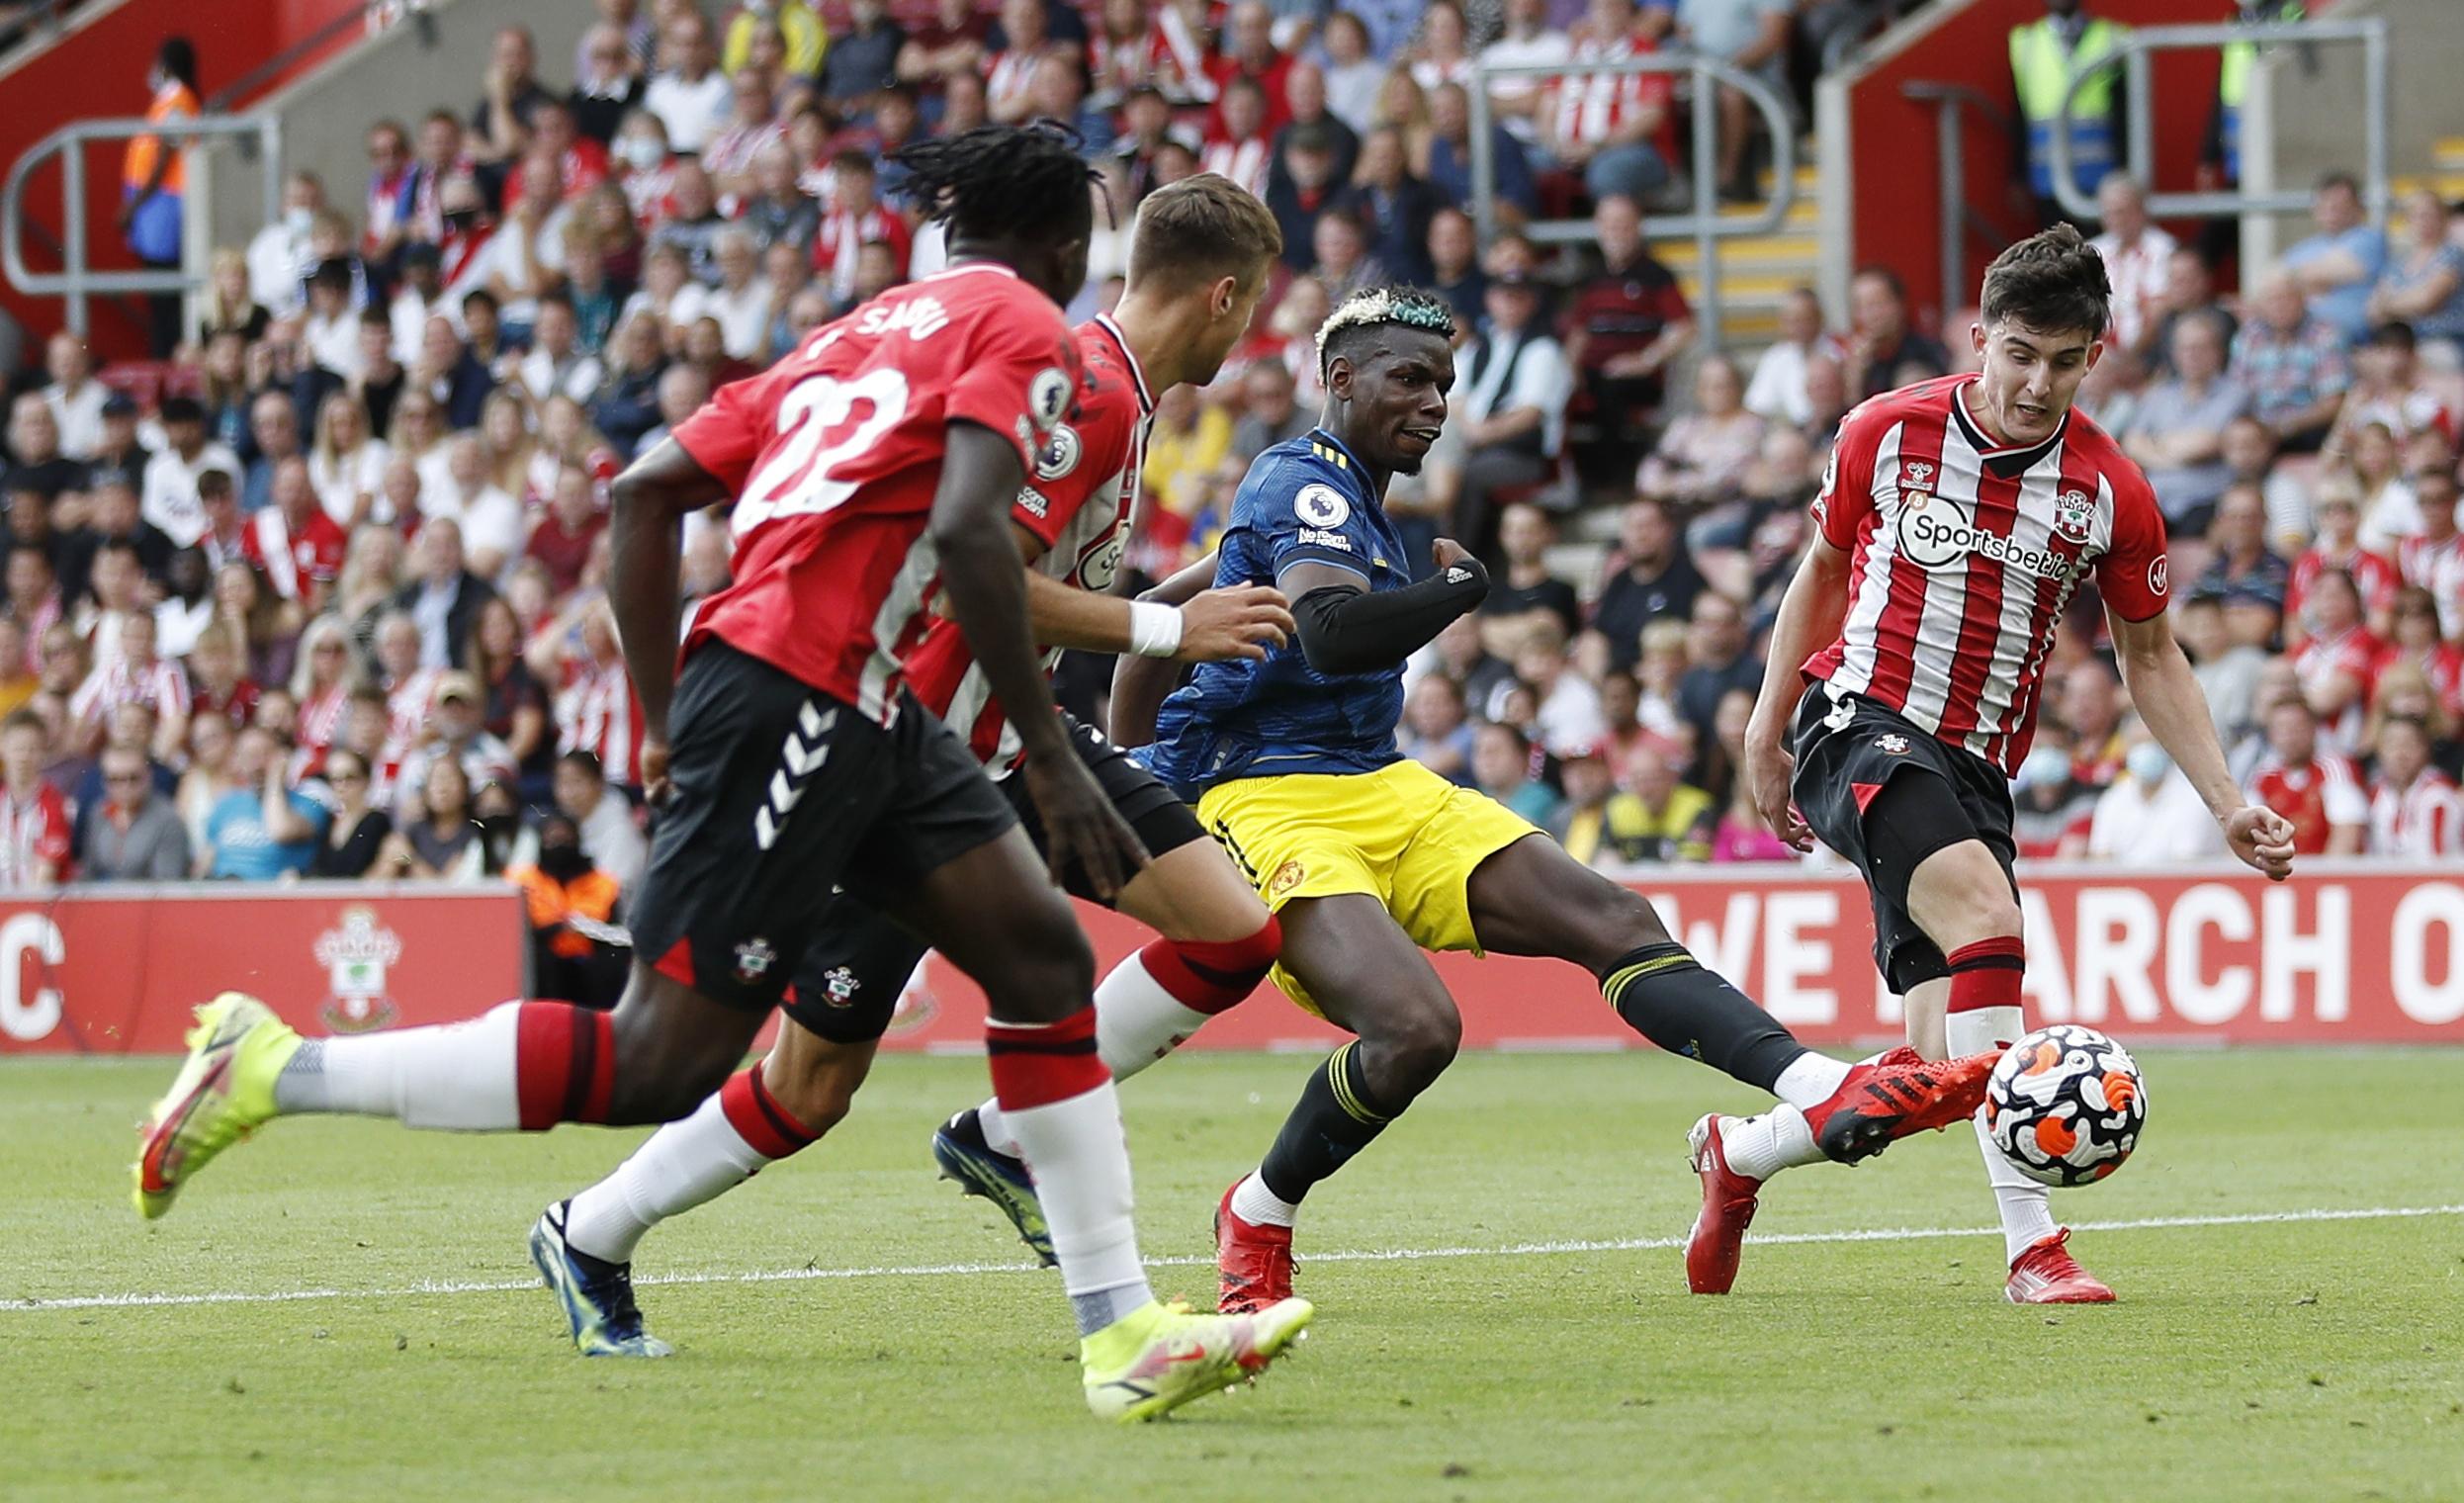 Premier League: Γκέλα για Μάντσεστερ Γιουνάιτεντ, διπλό για Τότεναμ